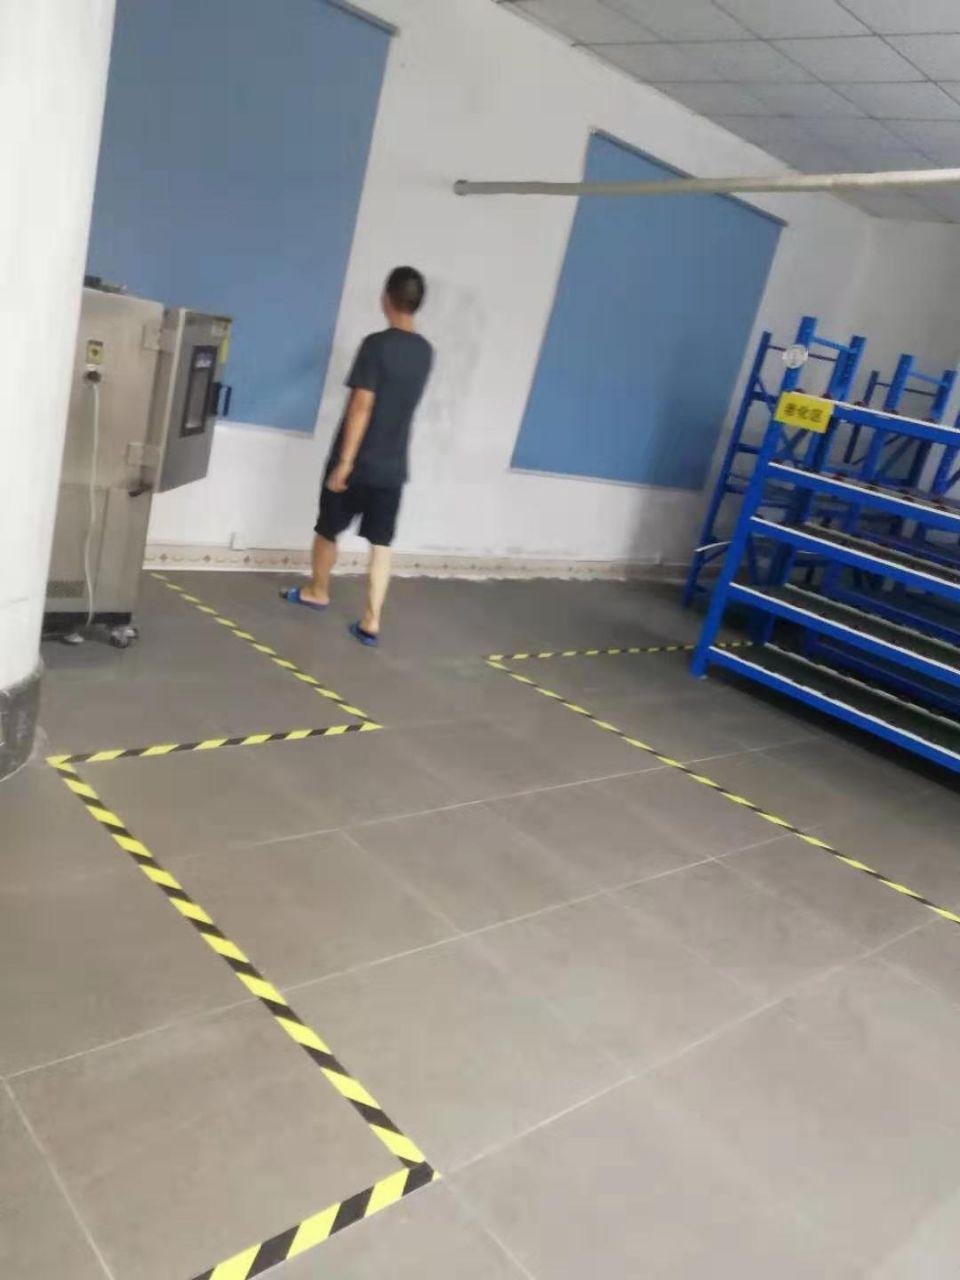 石碣镇三楼200方,2800元,2吨电梯